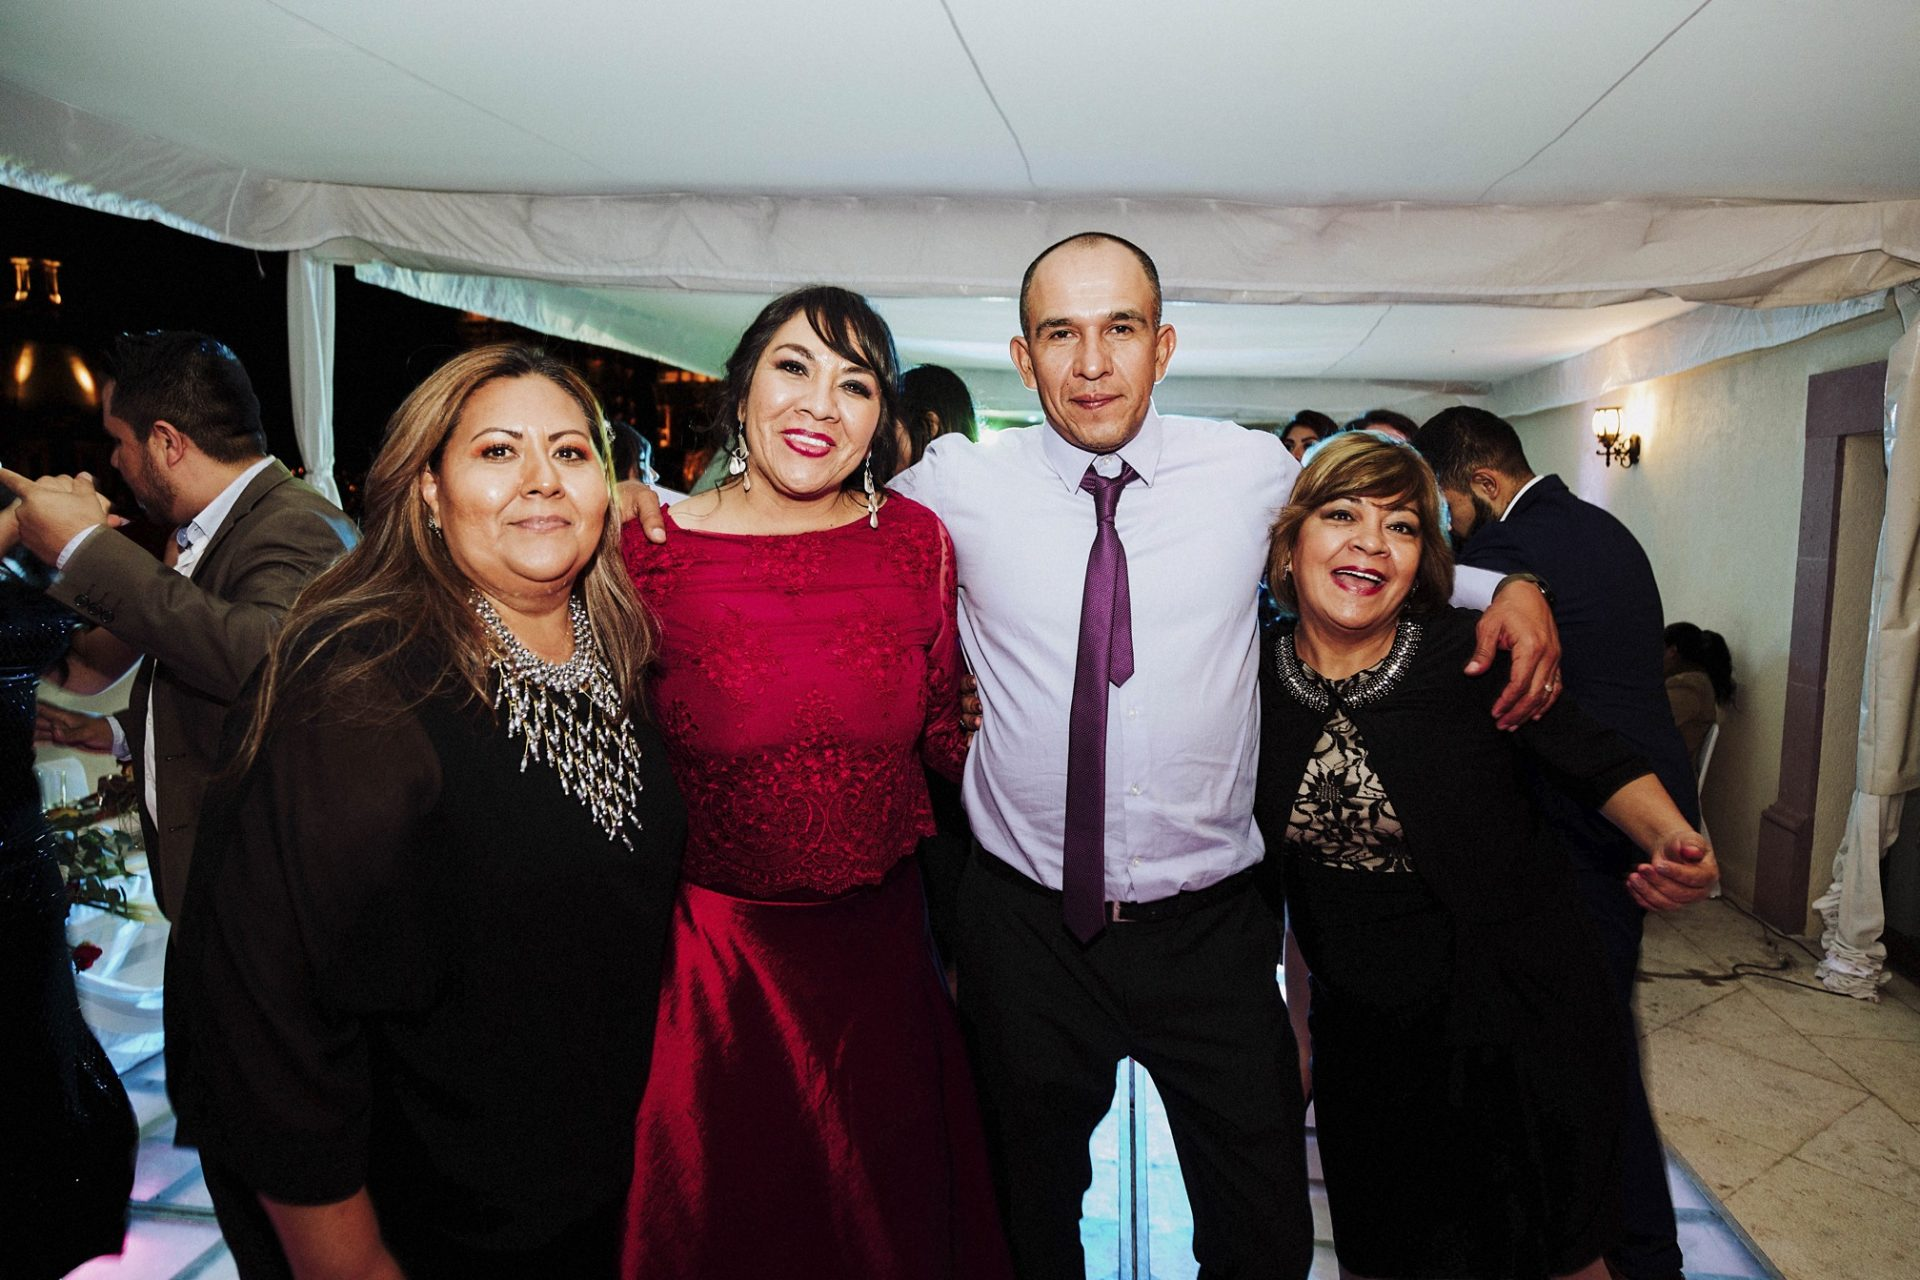 fotografo_profesional_bodas_zacatecas_mexico-83